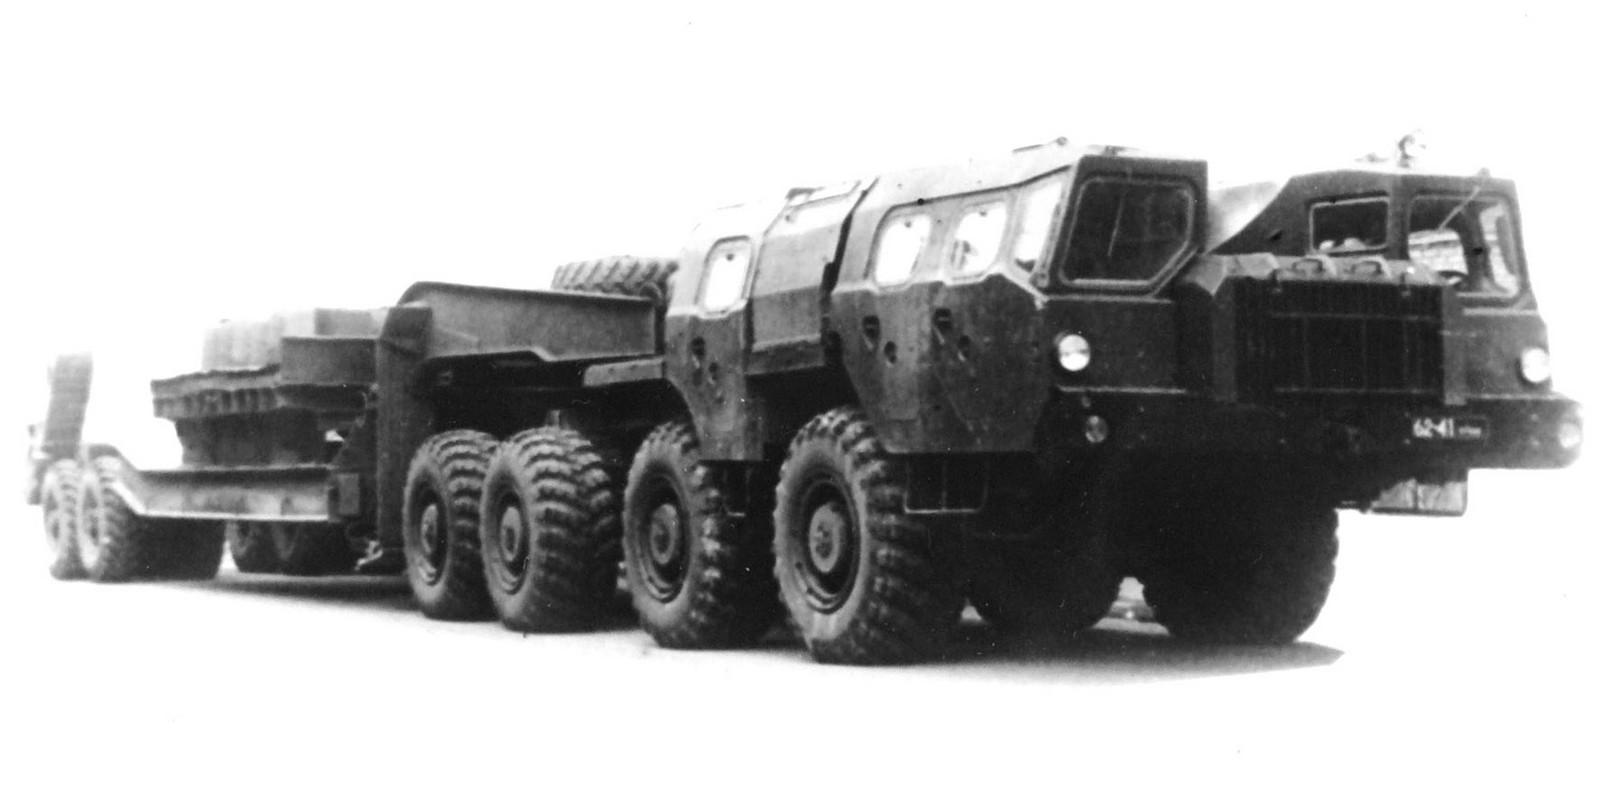 Тягач МАЗ-74101 с третьей кабиной и войсковым полуприцепом МАЗ-5247Г